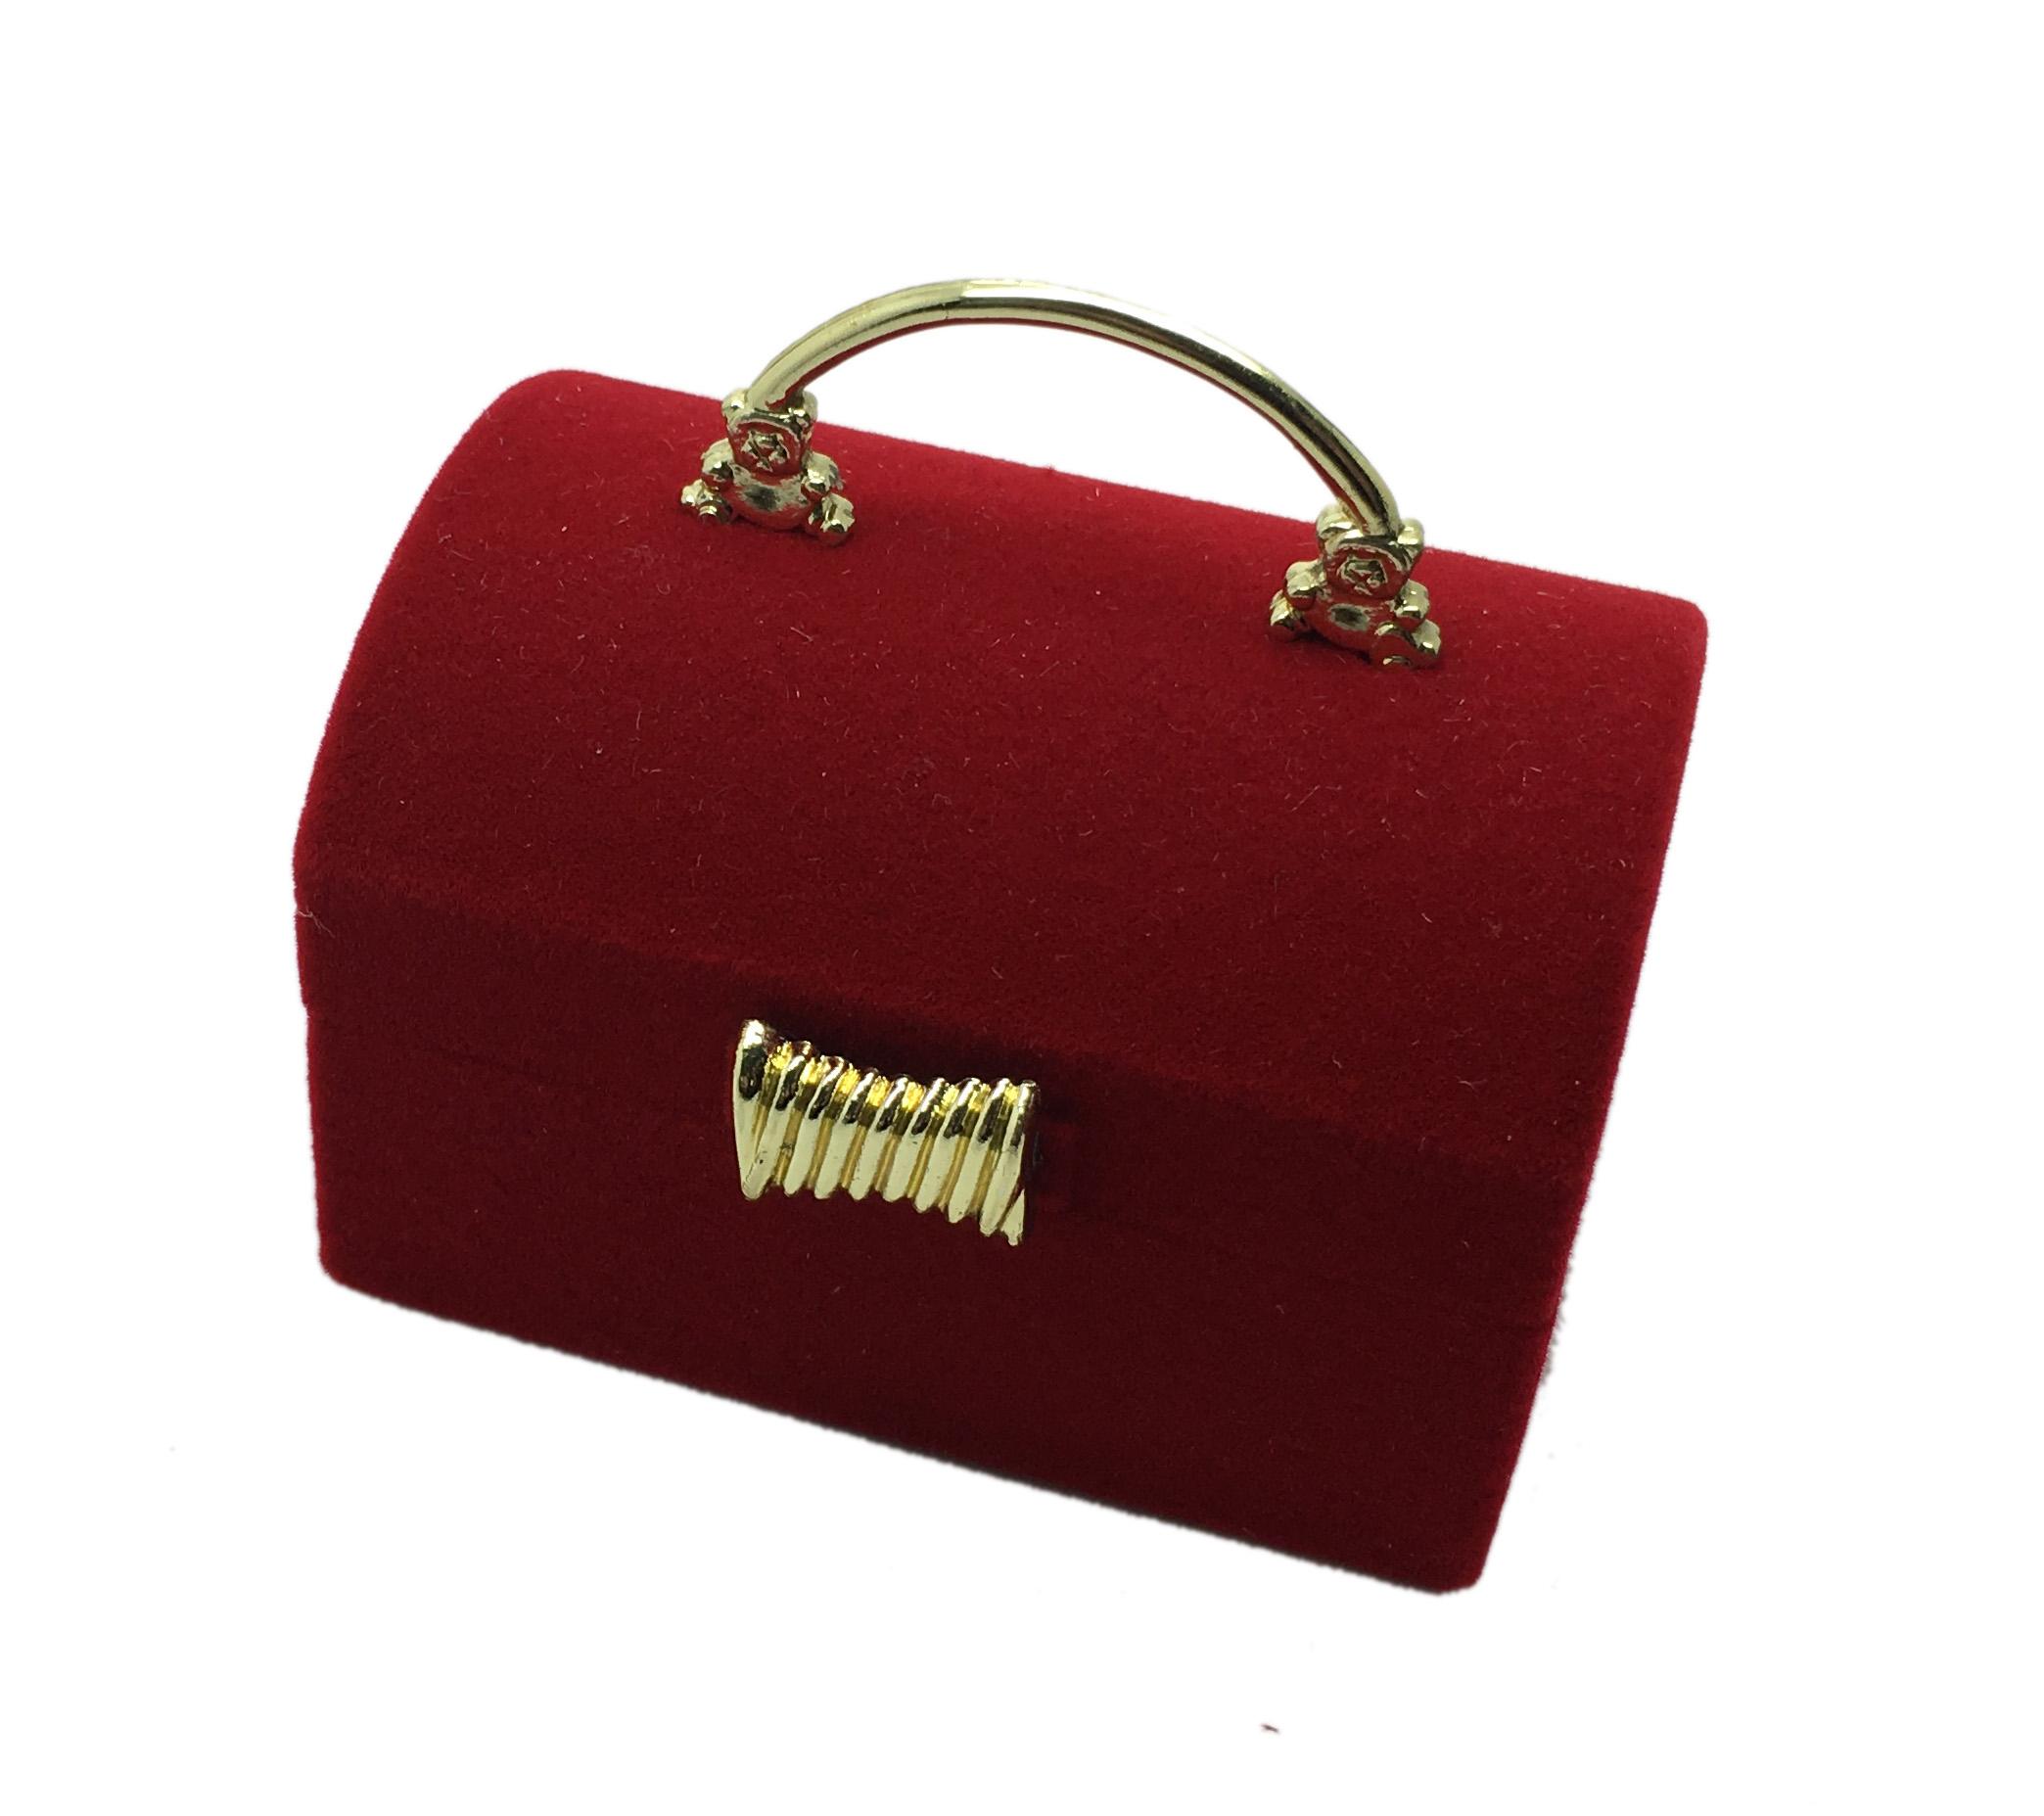 אריזת מתנה לתכשיט קופסת מתנה MY0917003PBIN